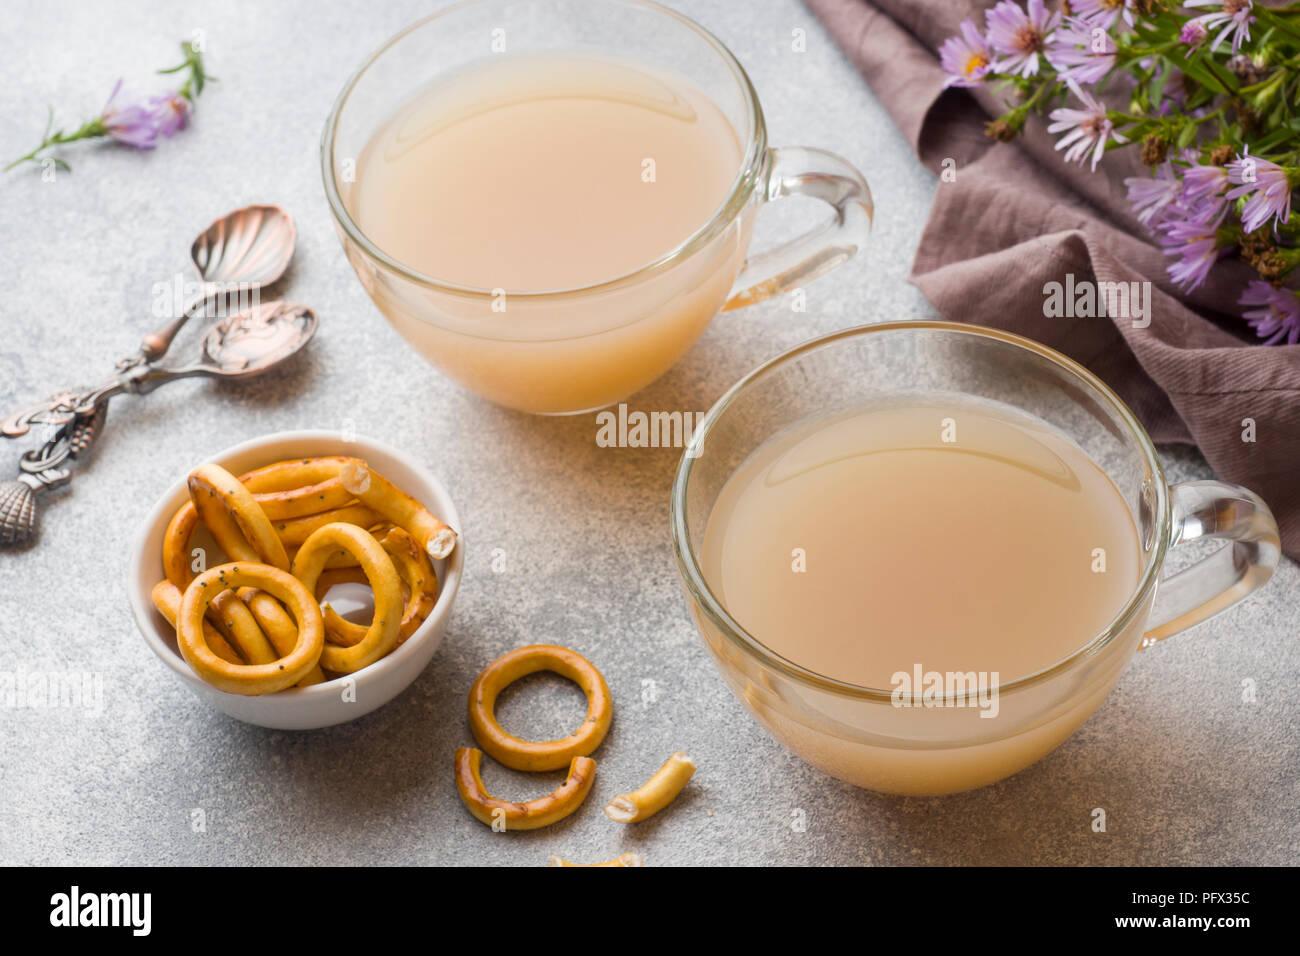 Tasse de café avec du lait et des biscuits sur la table gris. Concept accueil chaleureux. Photo Stock